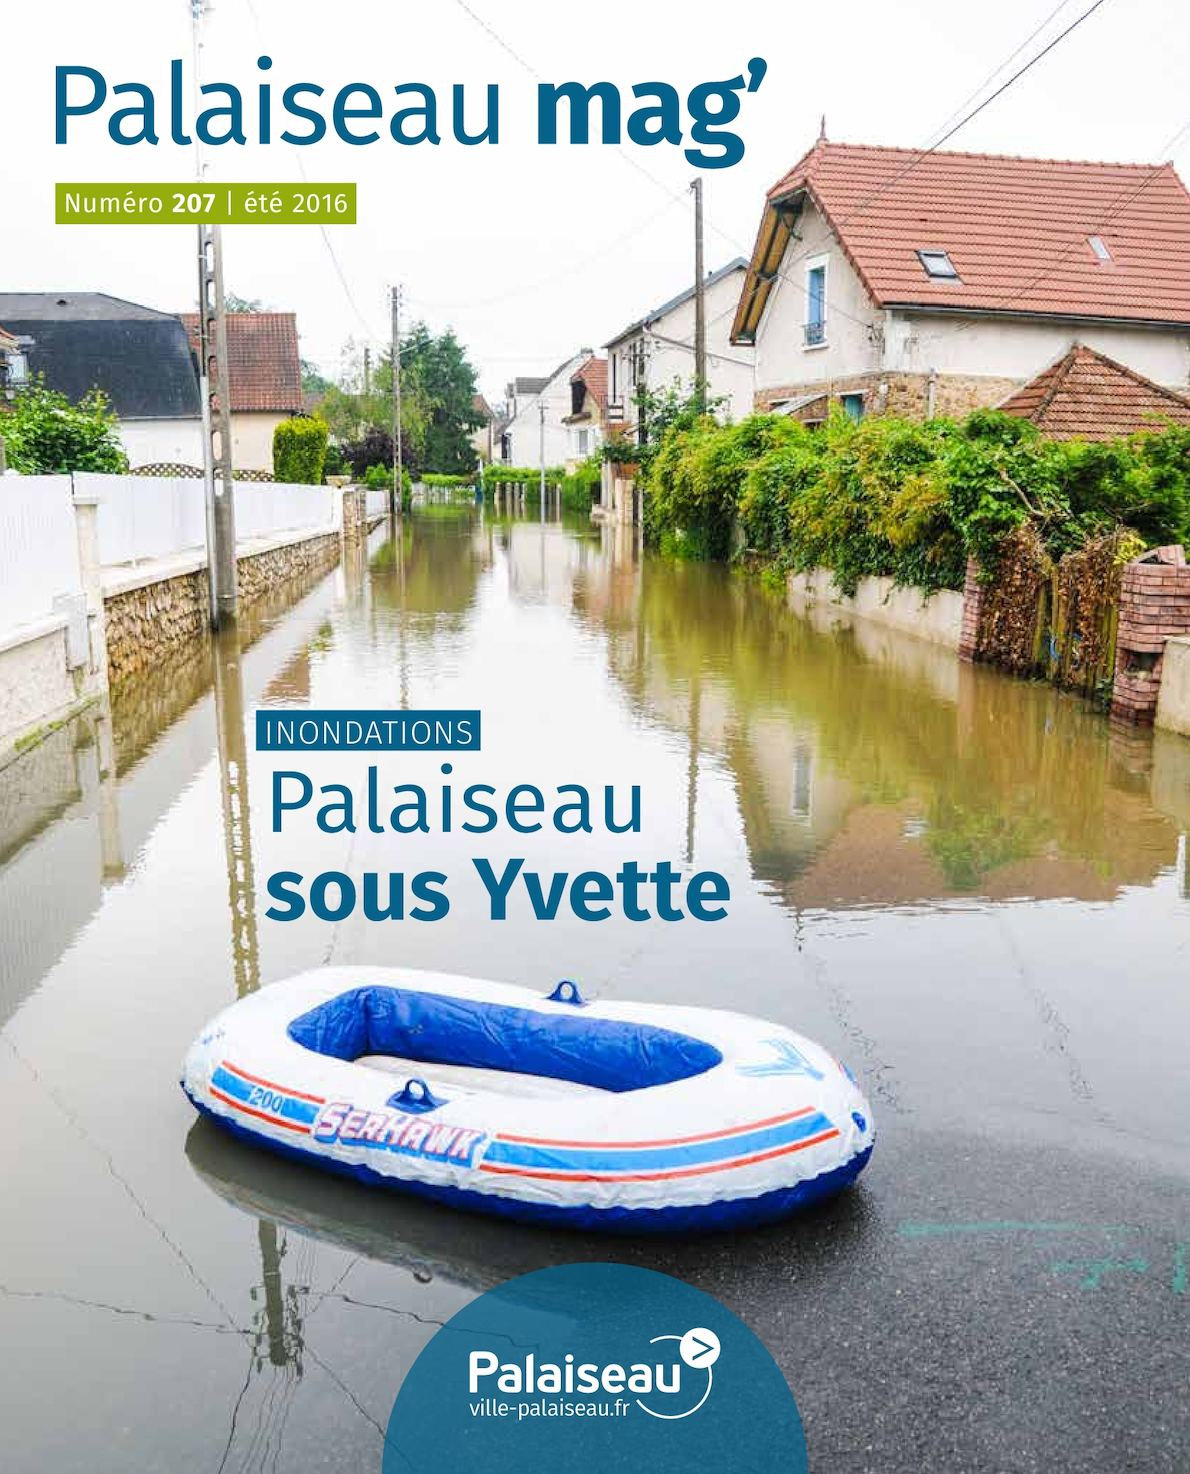 Calam o palaiseau mag n 207 ete 2016 for Piscine palaiseau